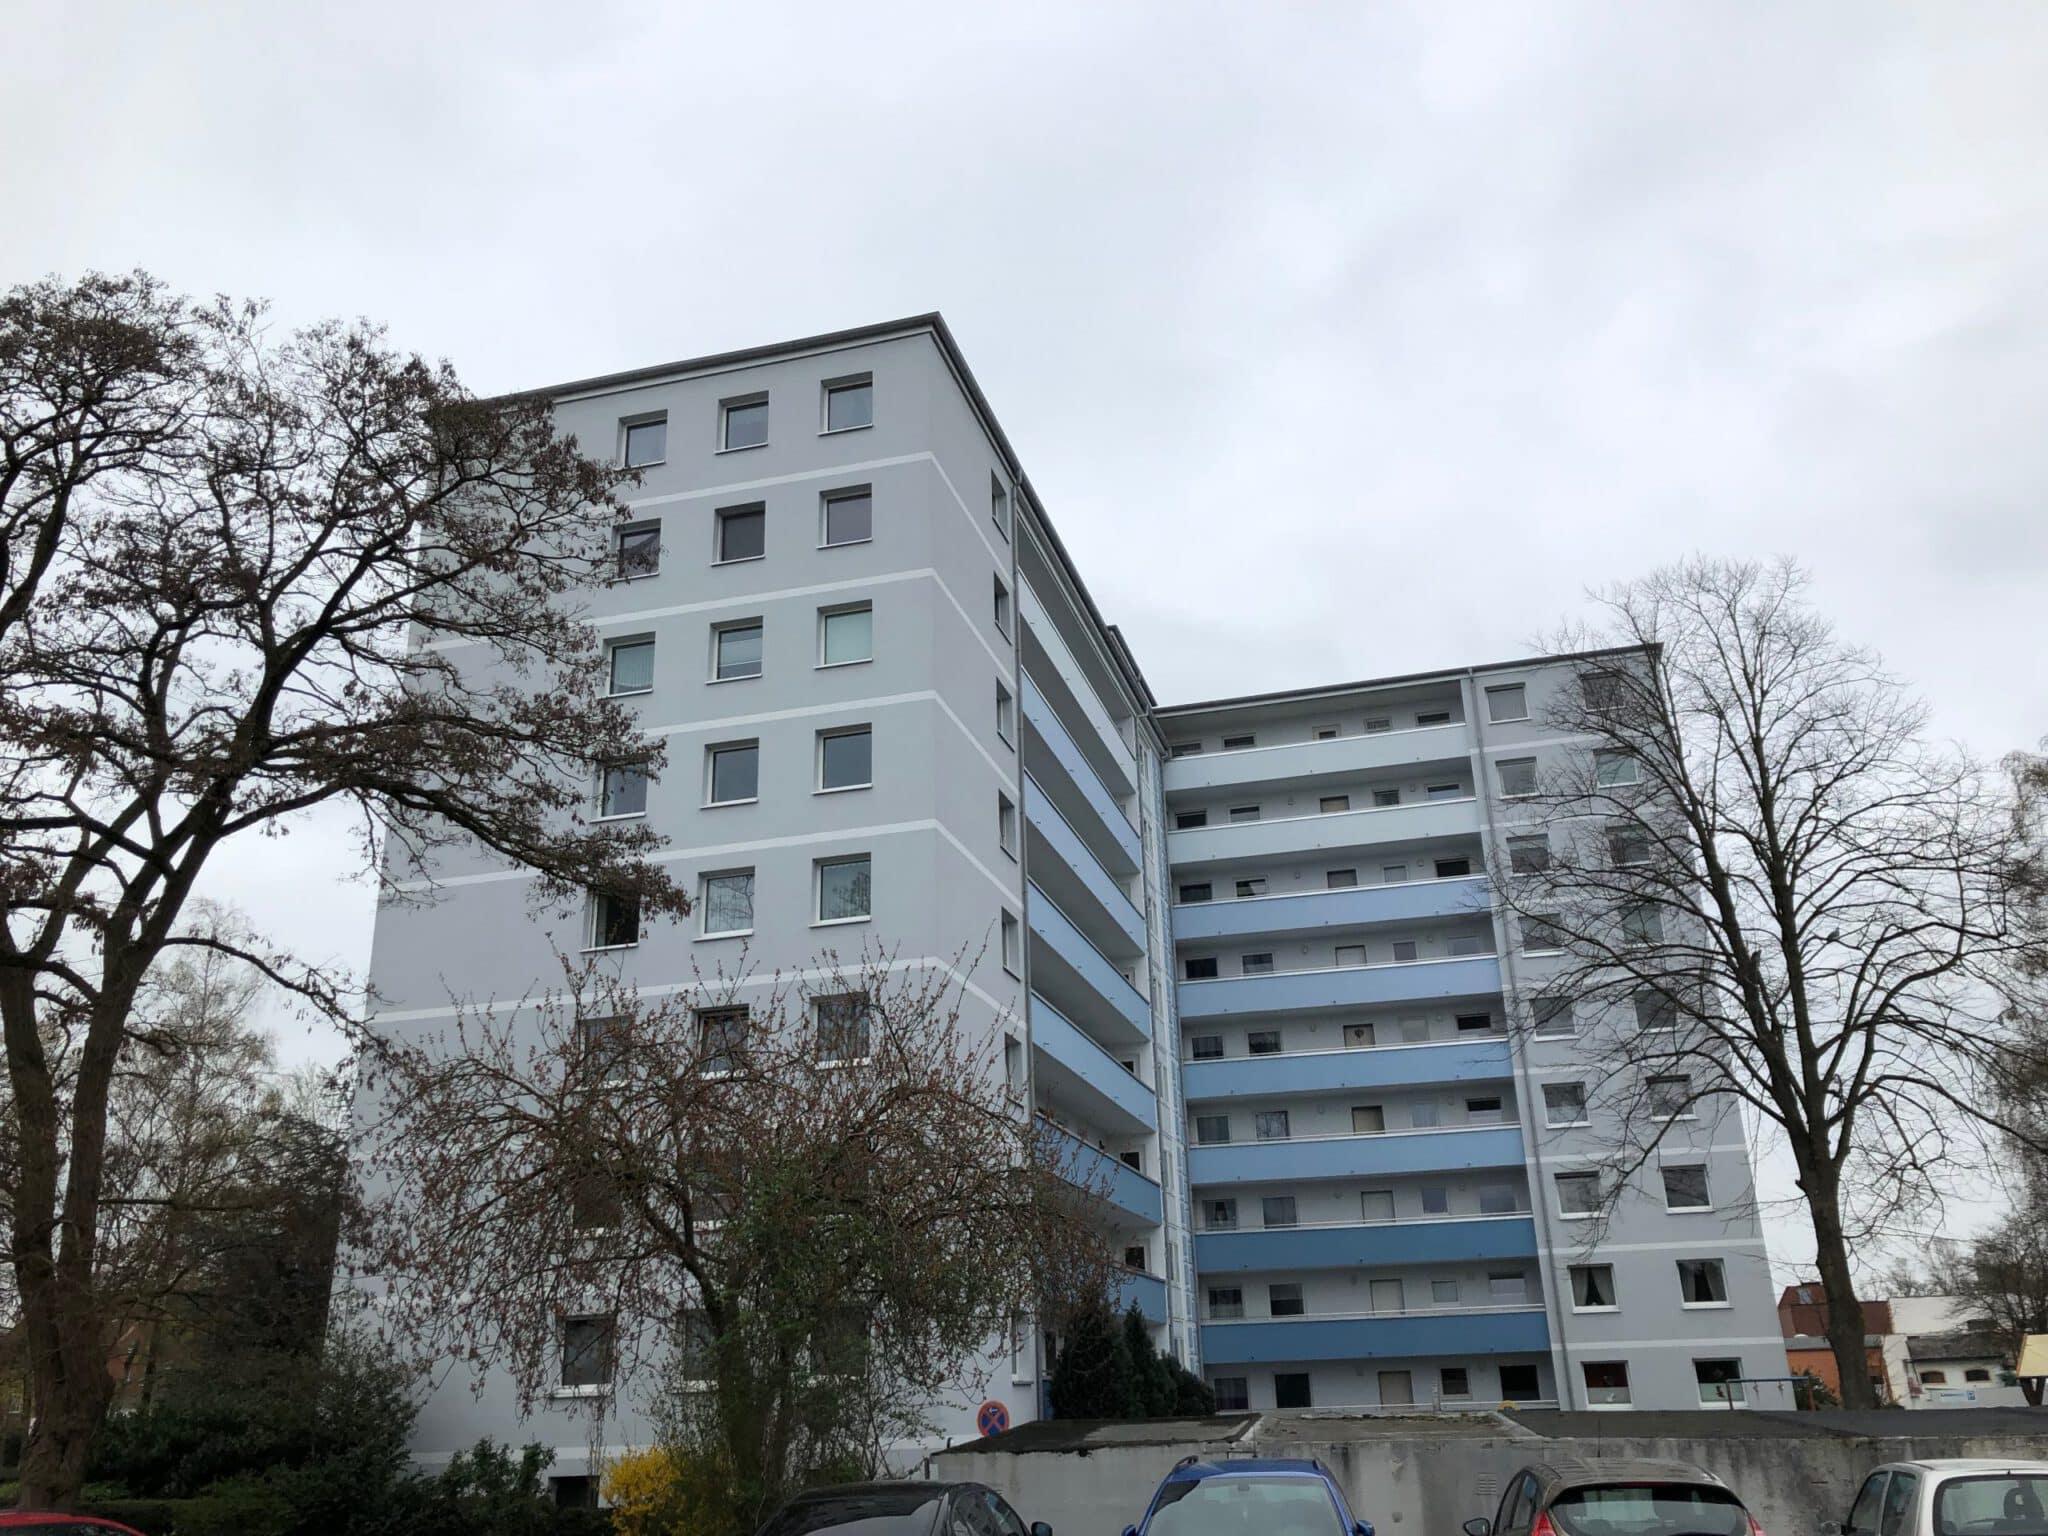 Küche einer Eigentumswohnung in Uetersen, 2020-01-17 22:01:38